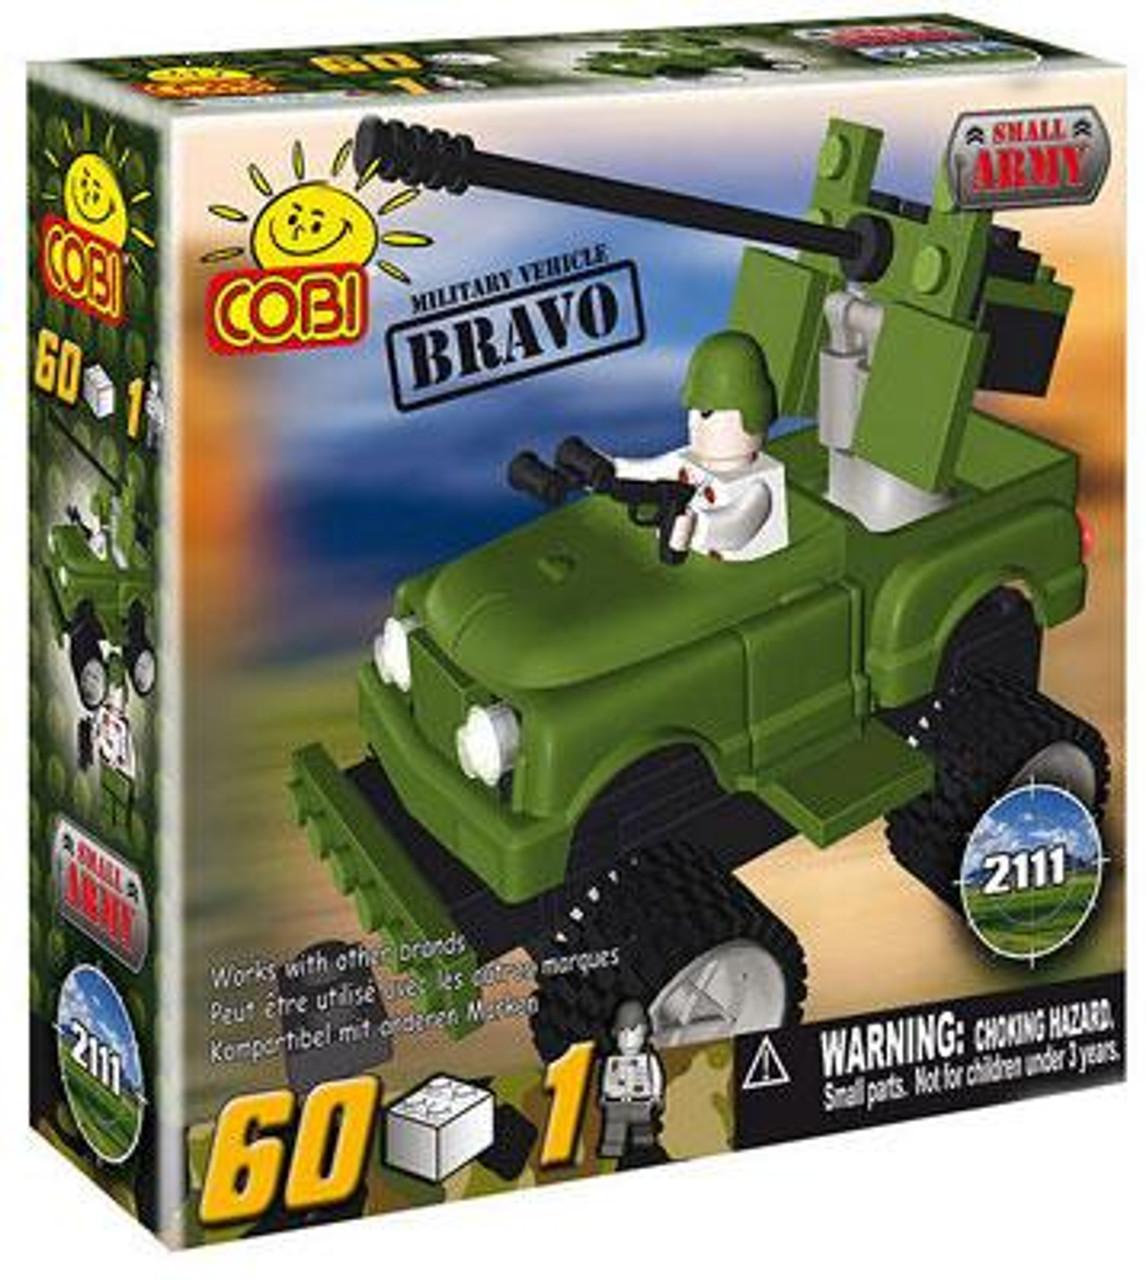 COBI Blocks Small Army Bravo Set #2111